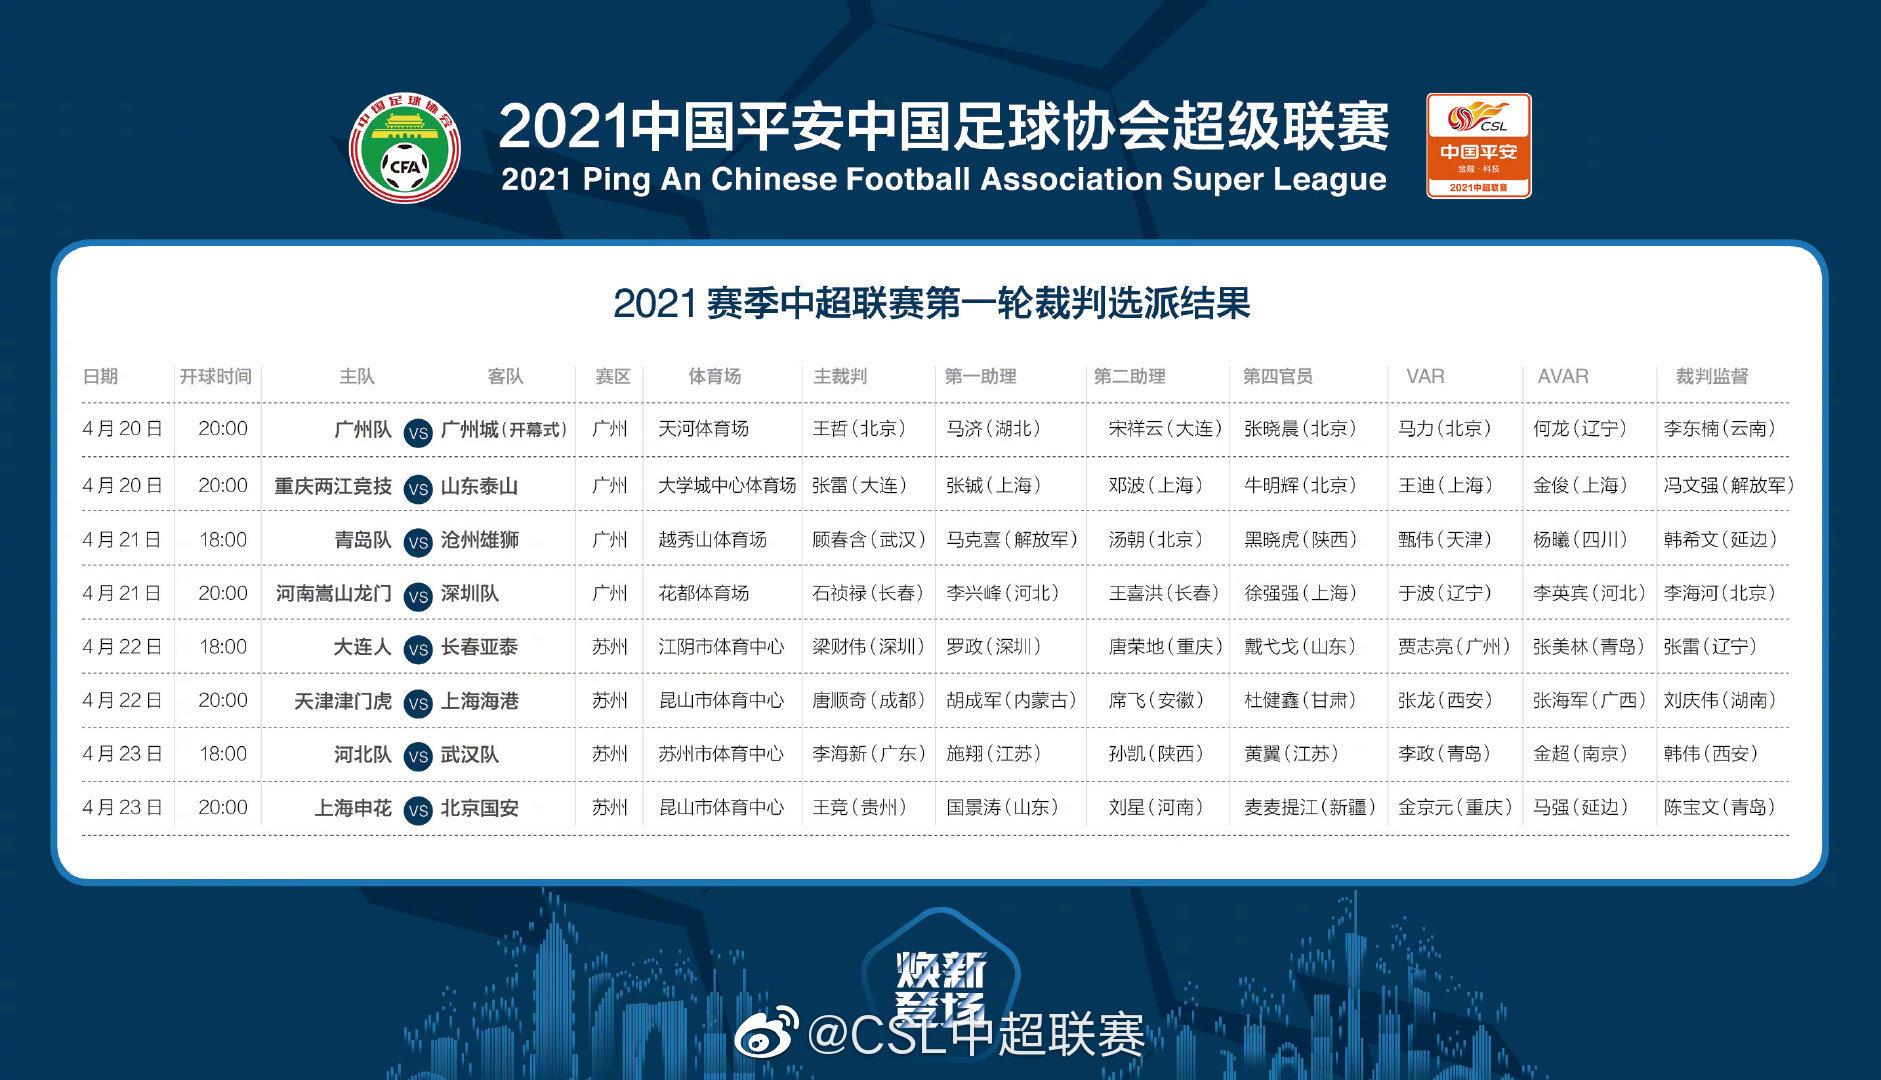 星启娱乐新闻:中超裁判信息赛前公开,足协出面调解重庆俱乐部资金问题